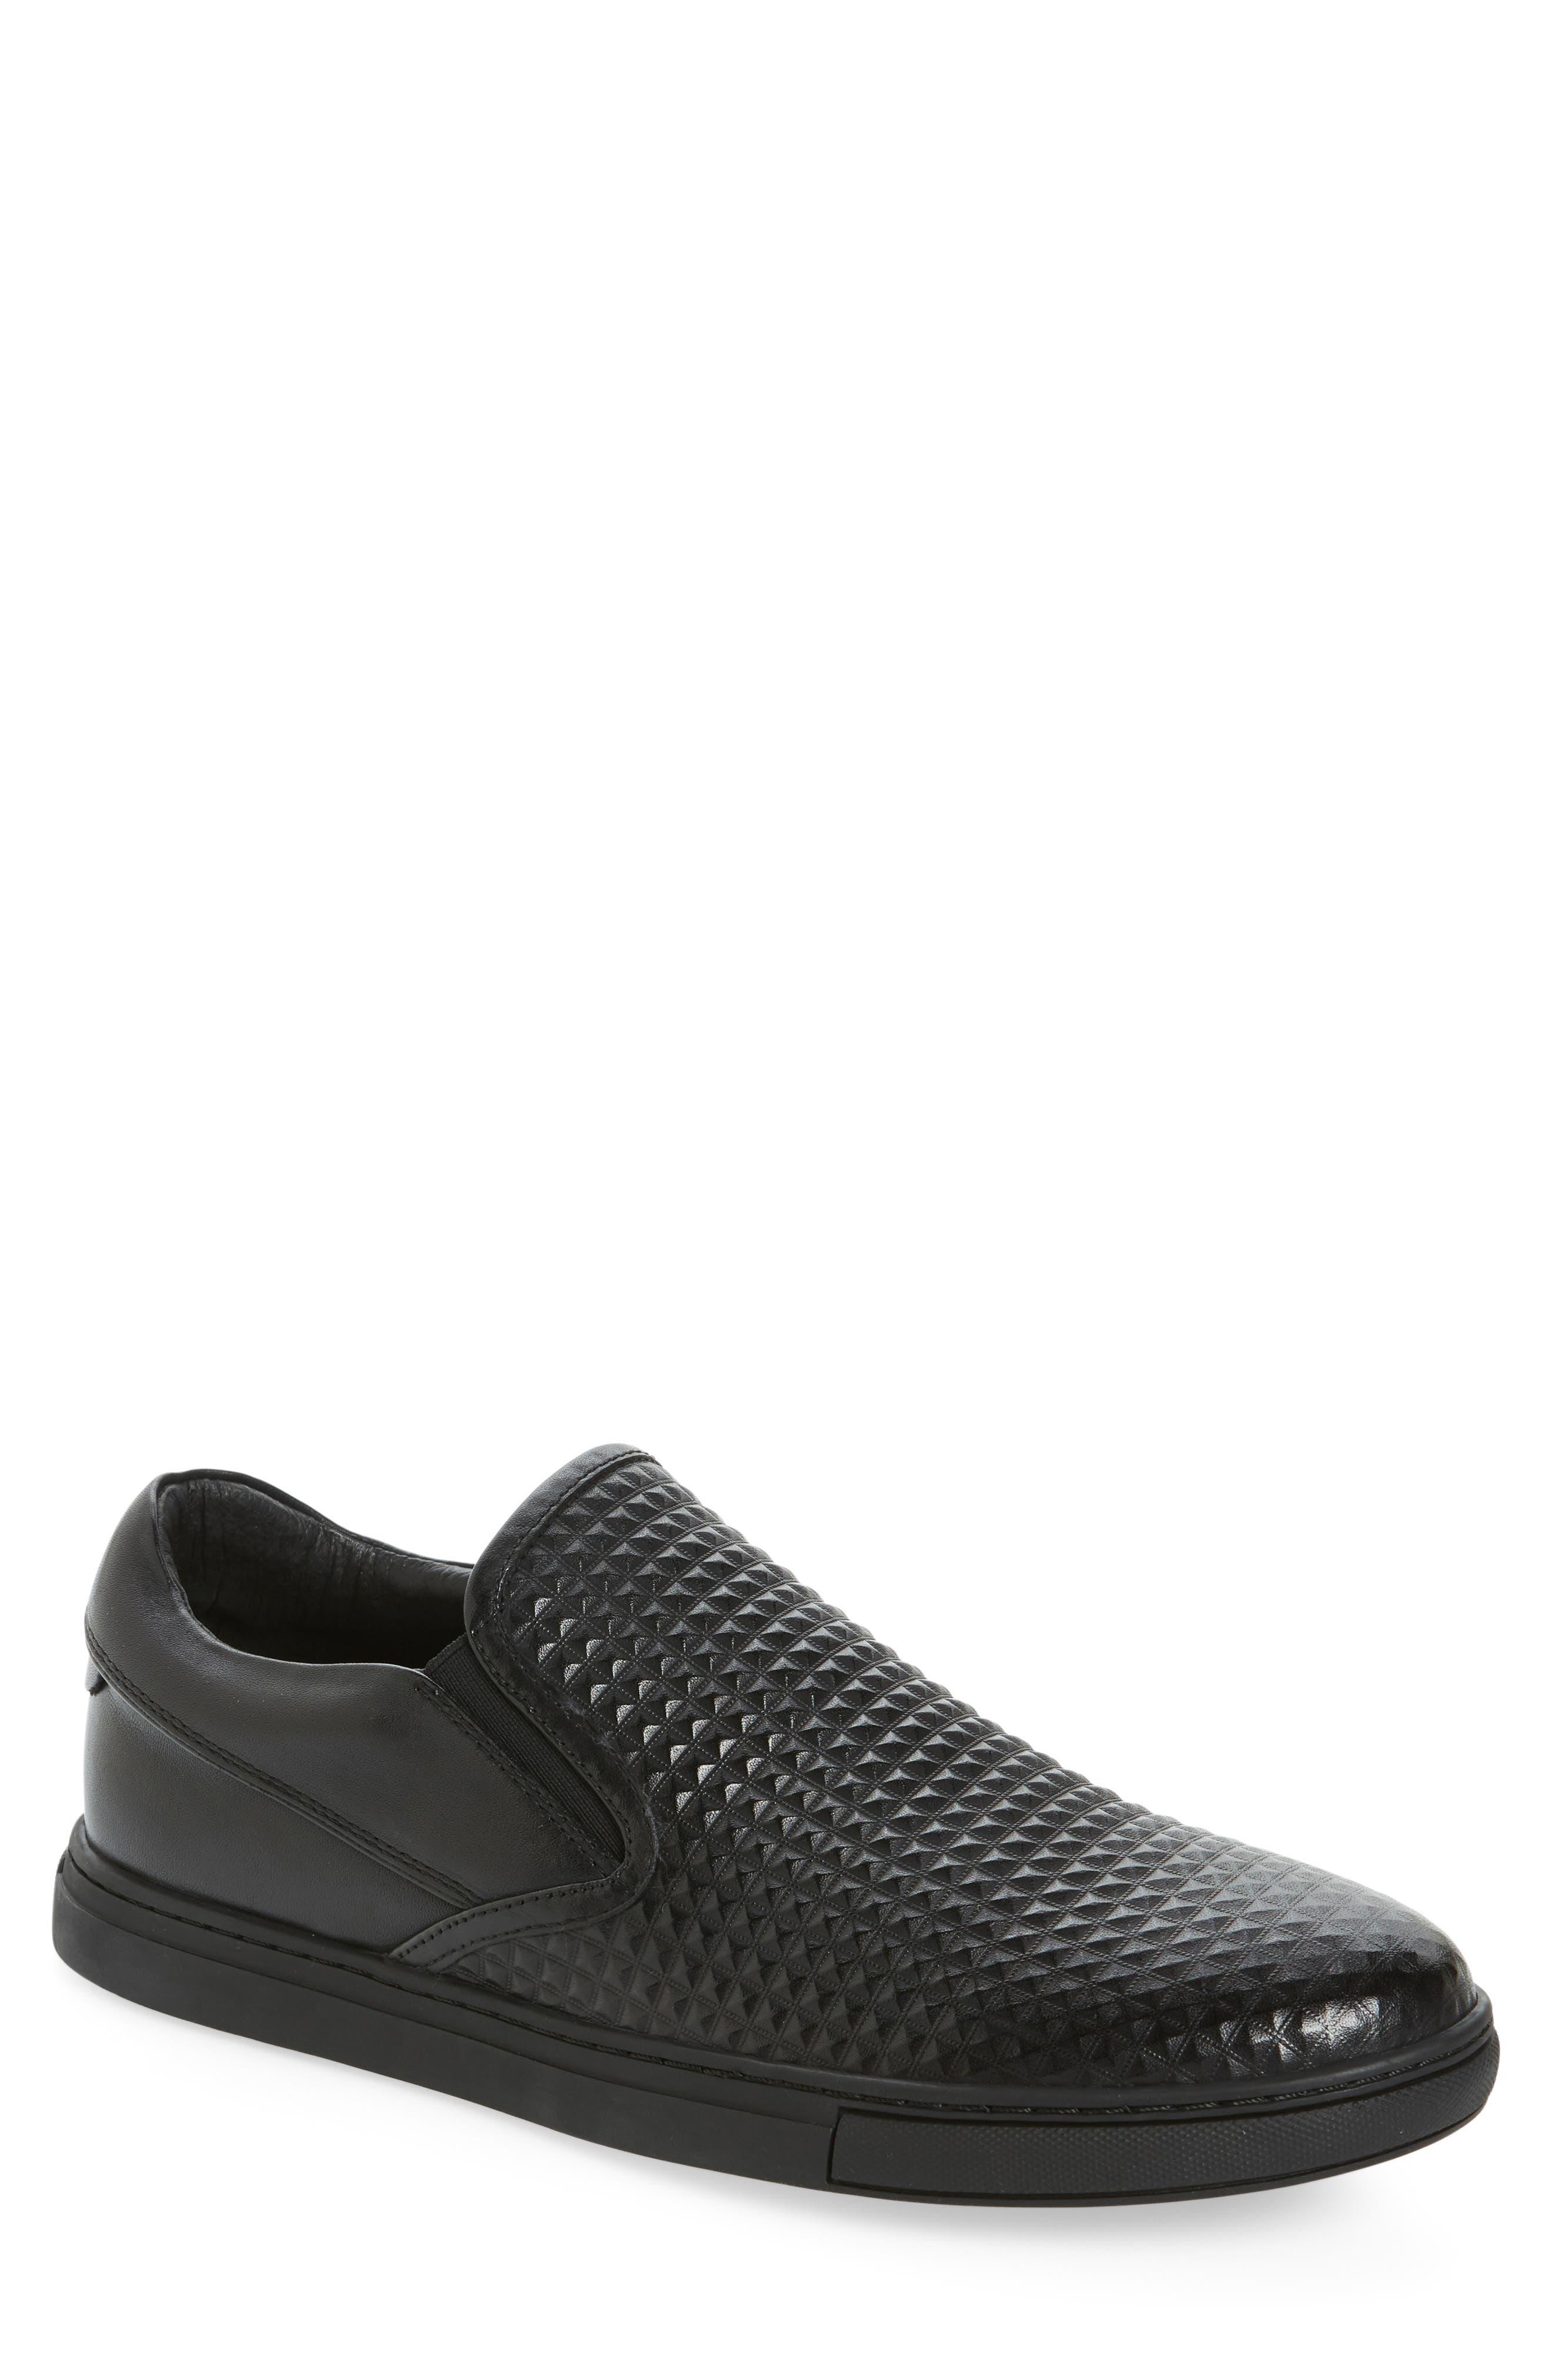 Manet Slip-On Sneaker,                             Main thumbnail 1, color,                             001